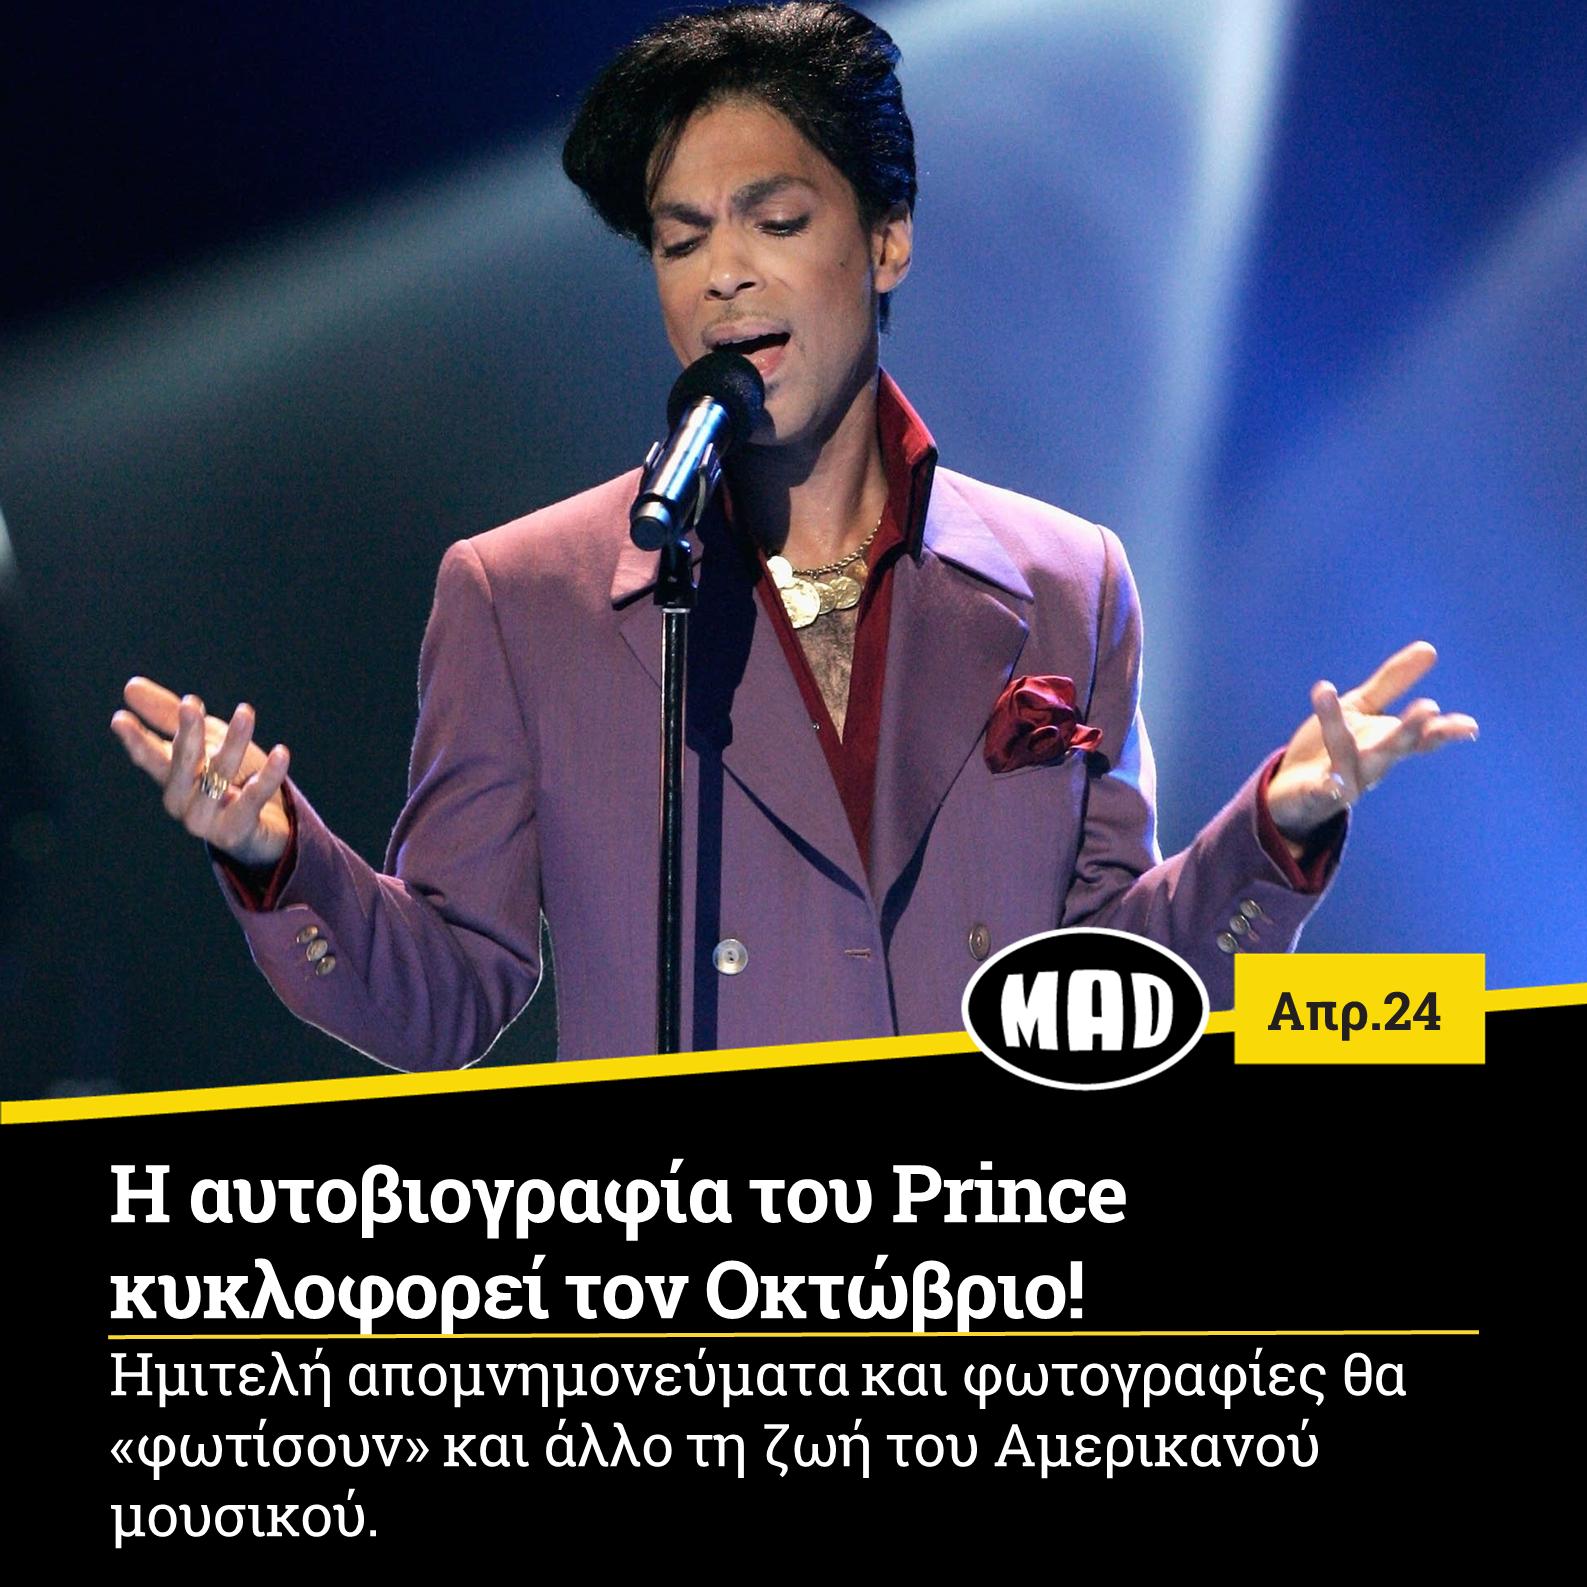 Η αυτοβιογραφία του Prince κυκλοφορεί τον Οκτώβριο!